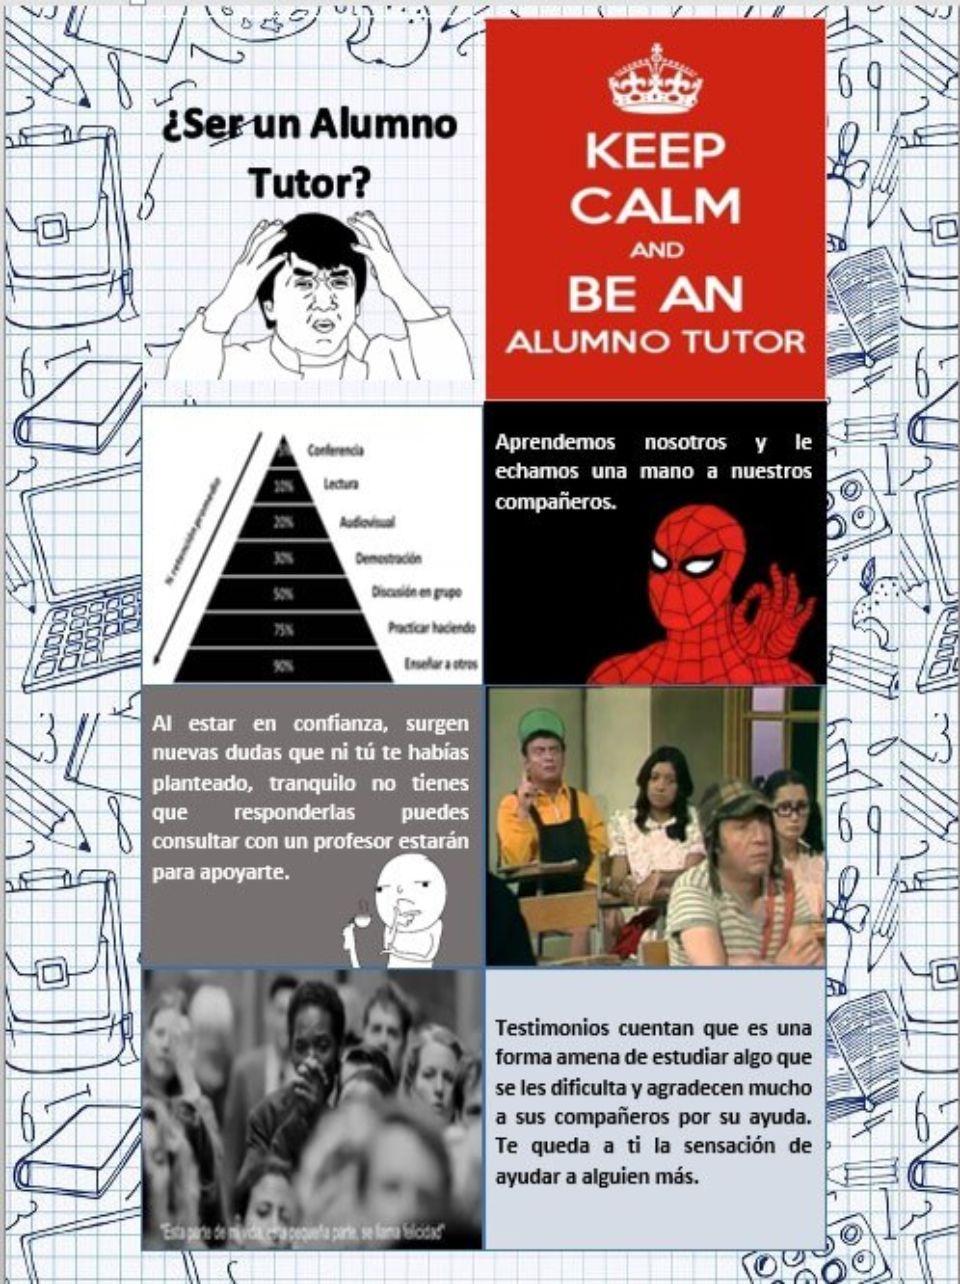 Alumnos Tutores1